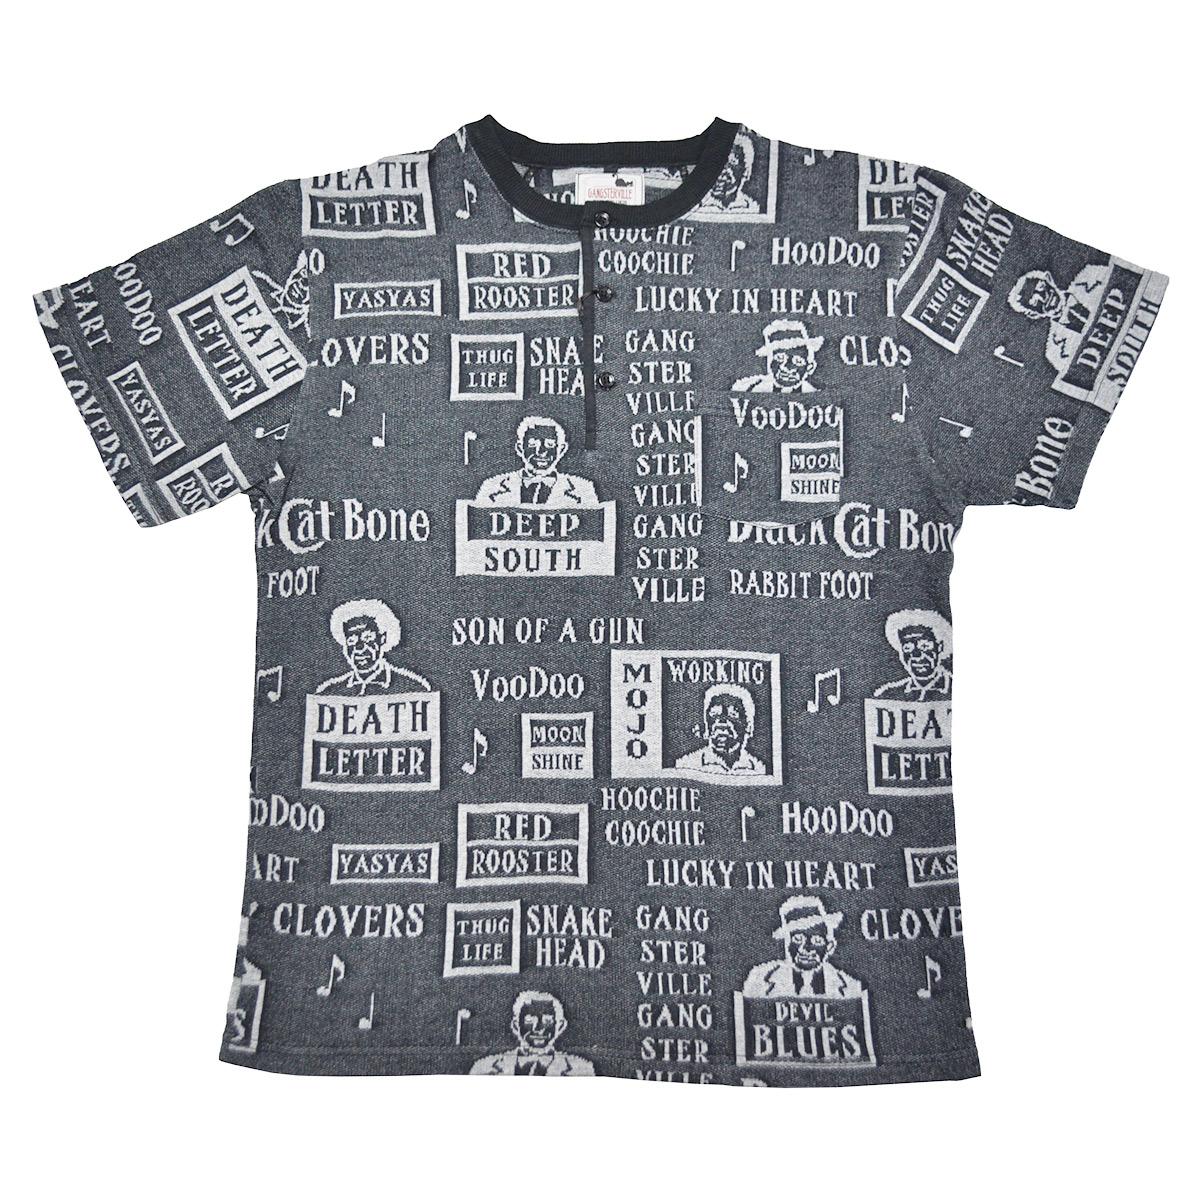 【期間限定クーポン 8/10.23:59まで】【残りSサイズのみ】【HENRY NECK】GANGSTERVILLE MOJO - S/S T-SHIRTS (BLACK) ギャングスタービル 総柄 ジャガード 半袖 ヘンリーネック ポケット Tシャツ/GLADHAND【WEIRDO/ウィアード/OLD CROW/オールドクロウ】